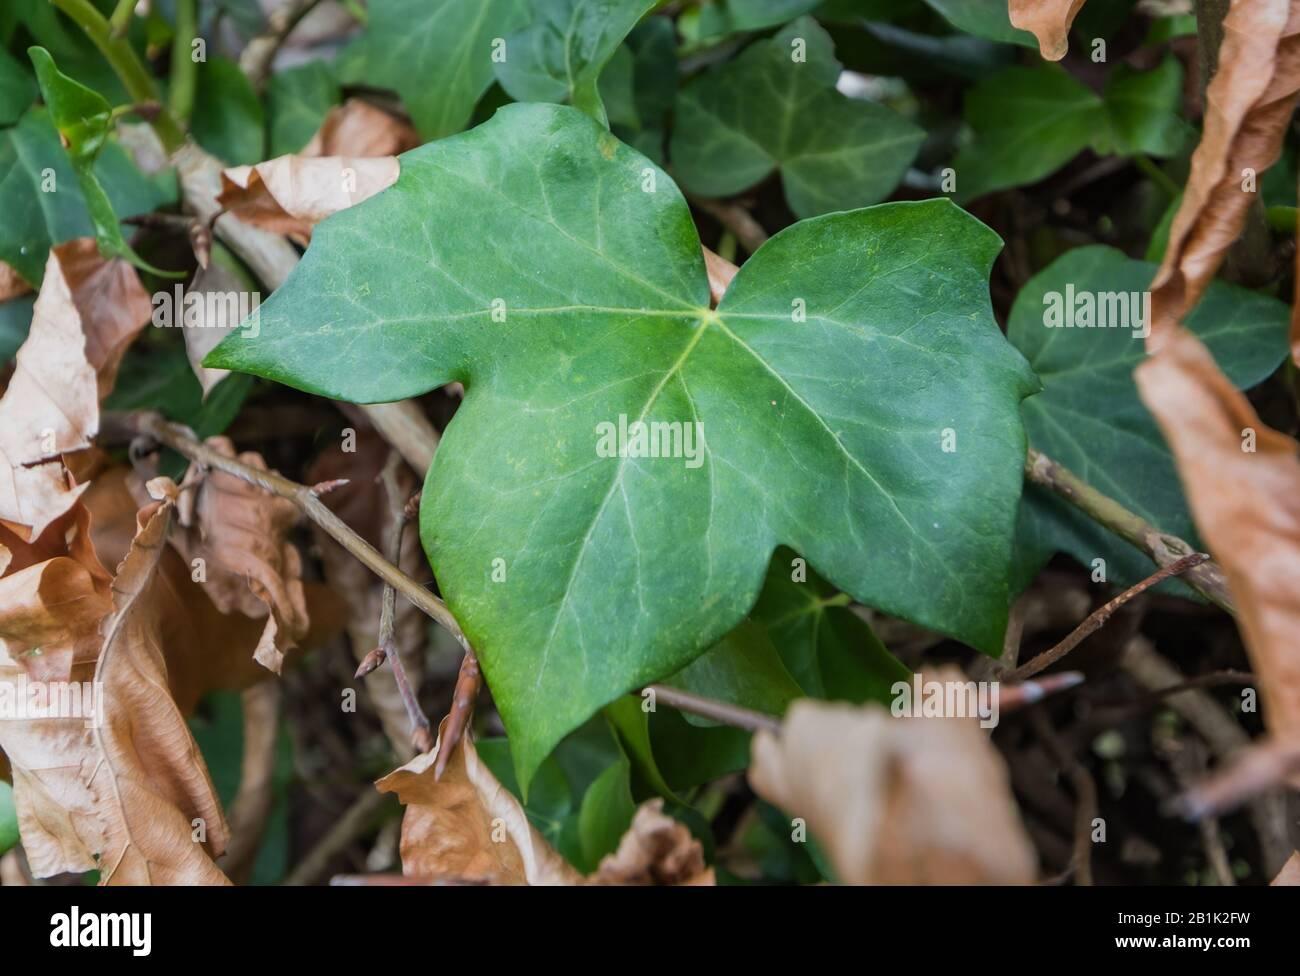 Feuille palmatelée vert foncé à feuilles persistantes de l'Ivy anglaise (Ivy commune, hélice Hedera). Feuilles avec 3 lobes. Banque D'Images